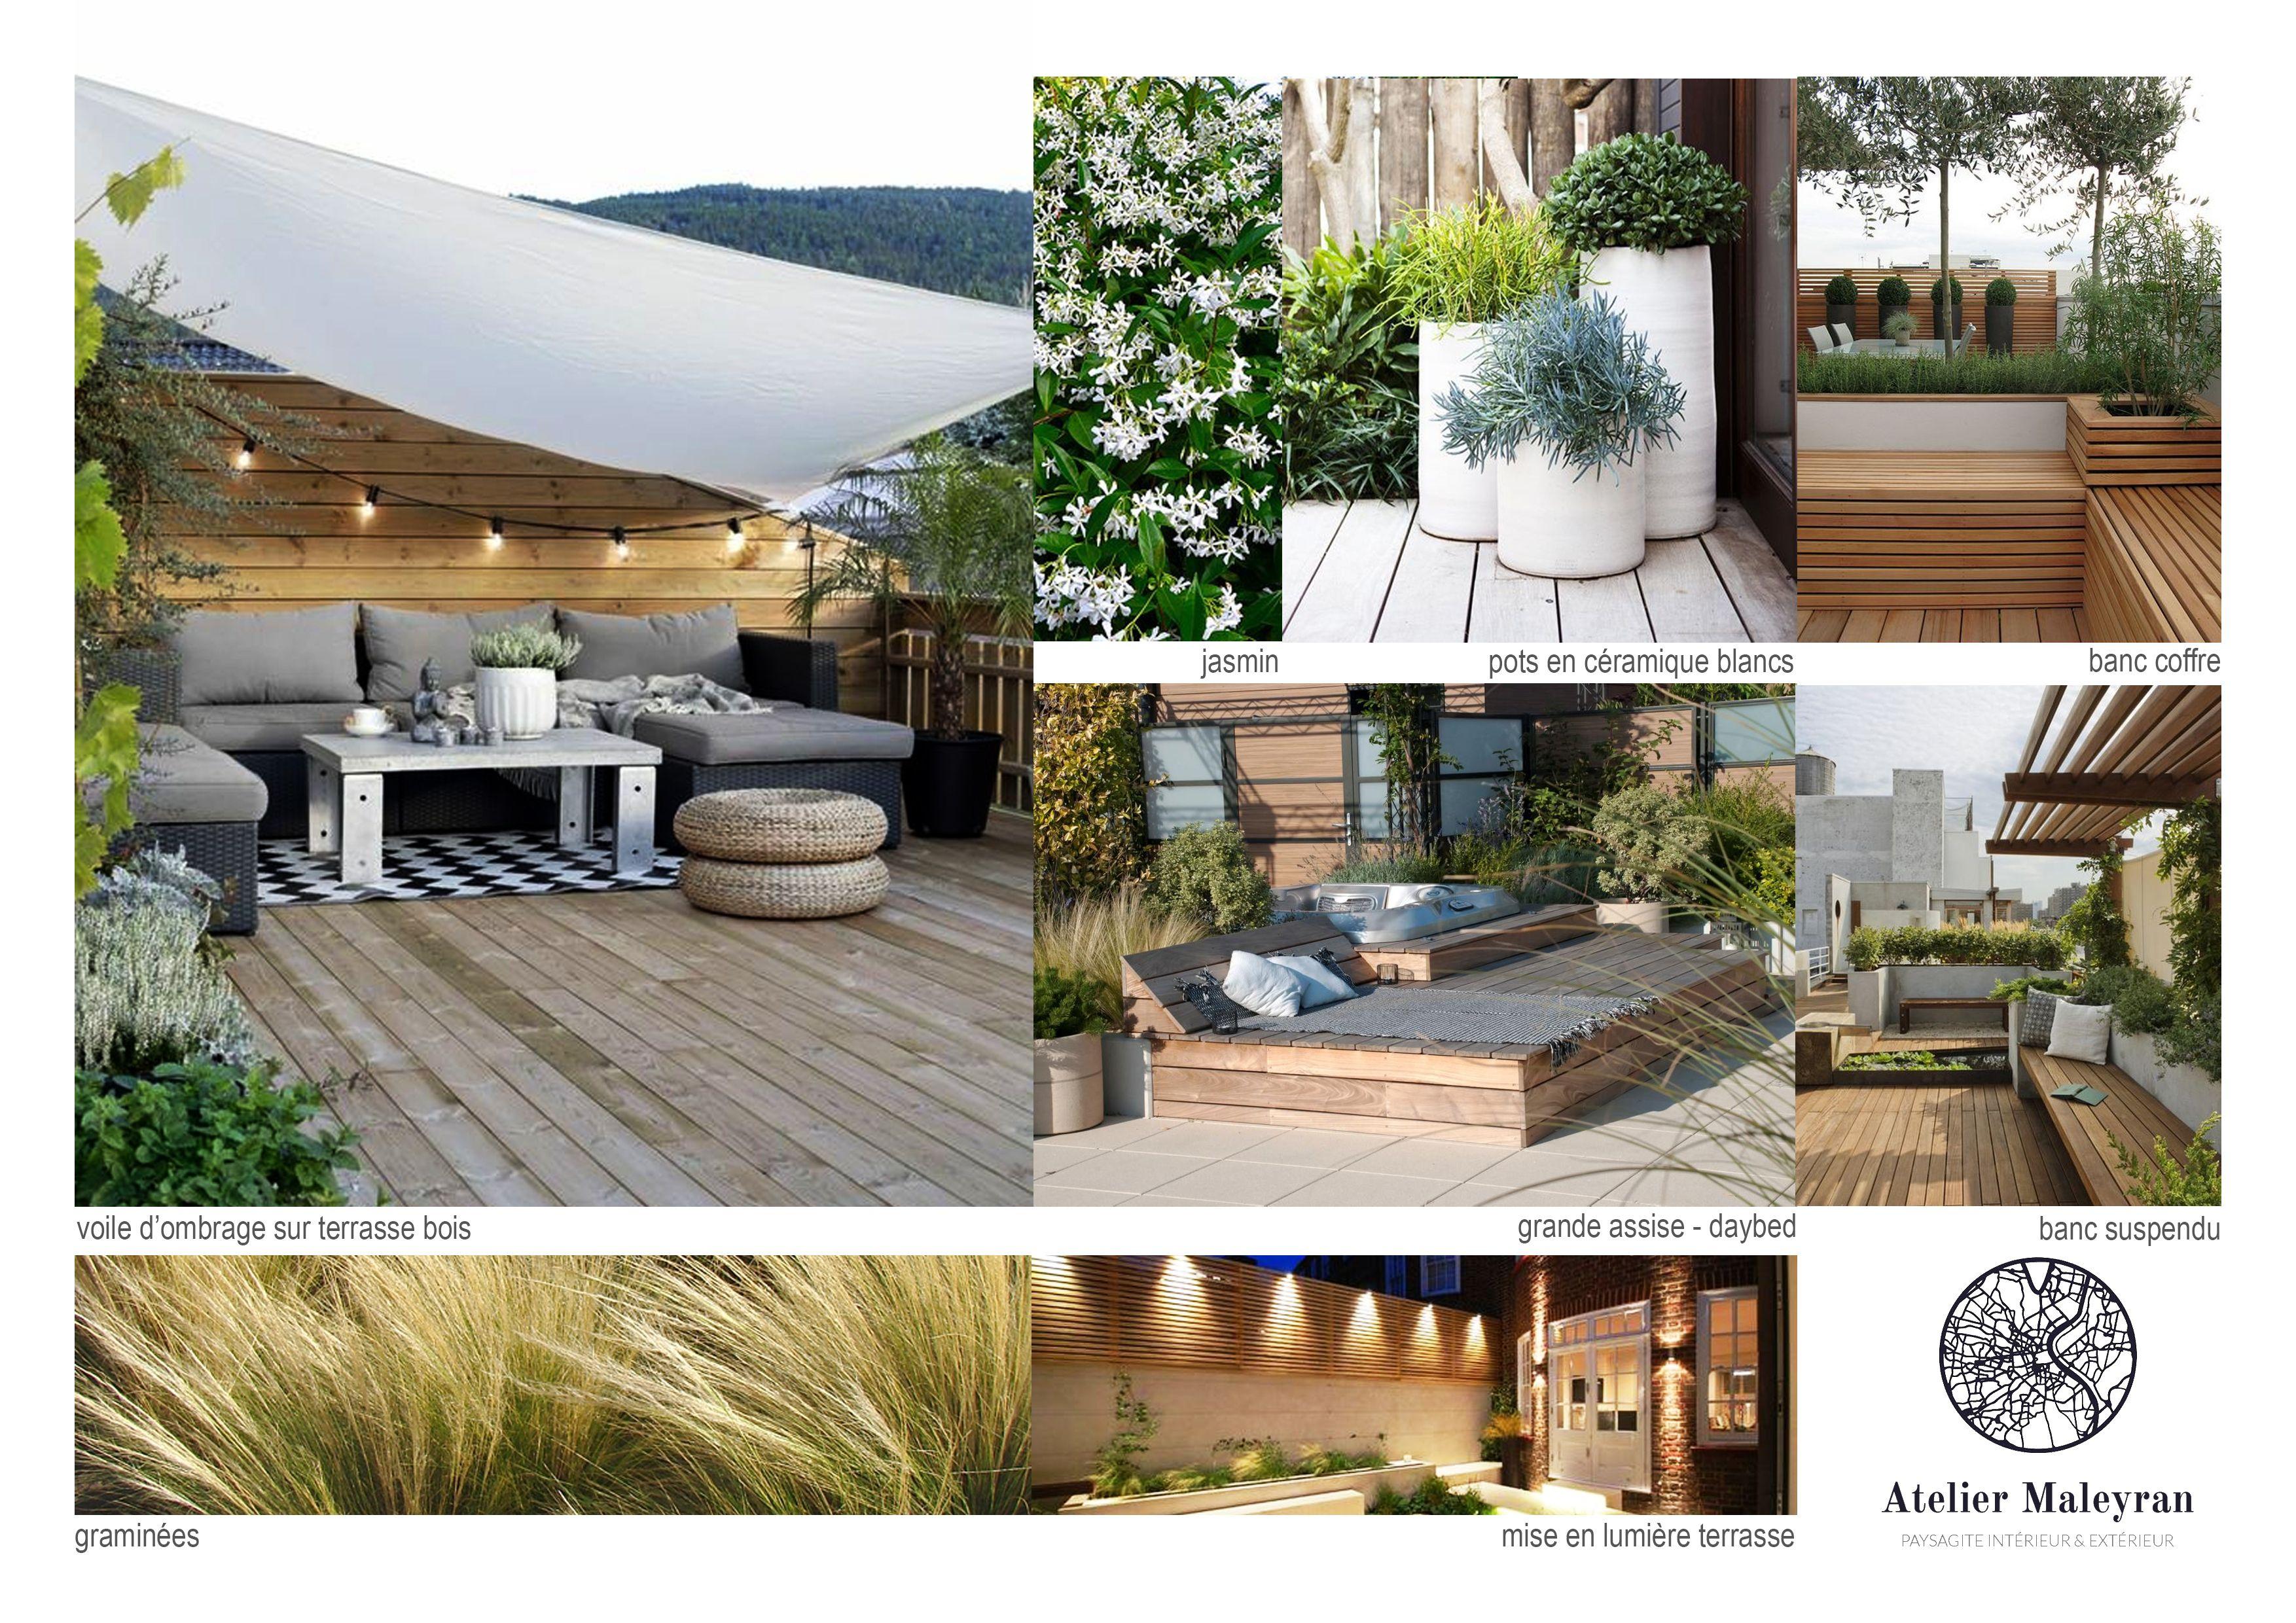 Idées Pour Aménager Une Terrasse Bois Plein Sud #terrasse ... avec Amenager Une Grande Terrasse